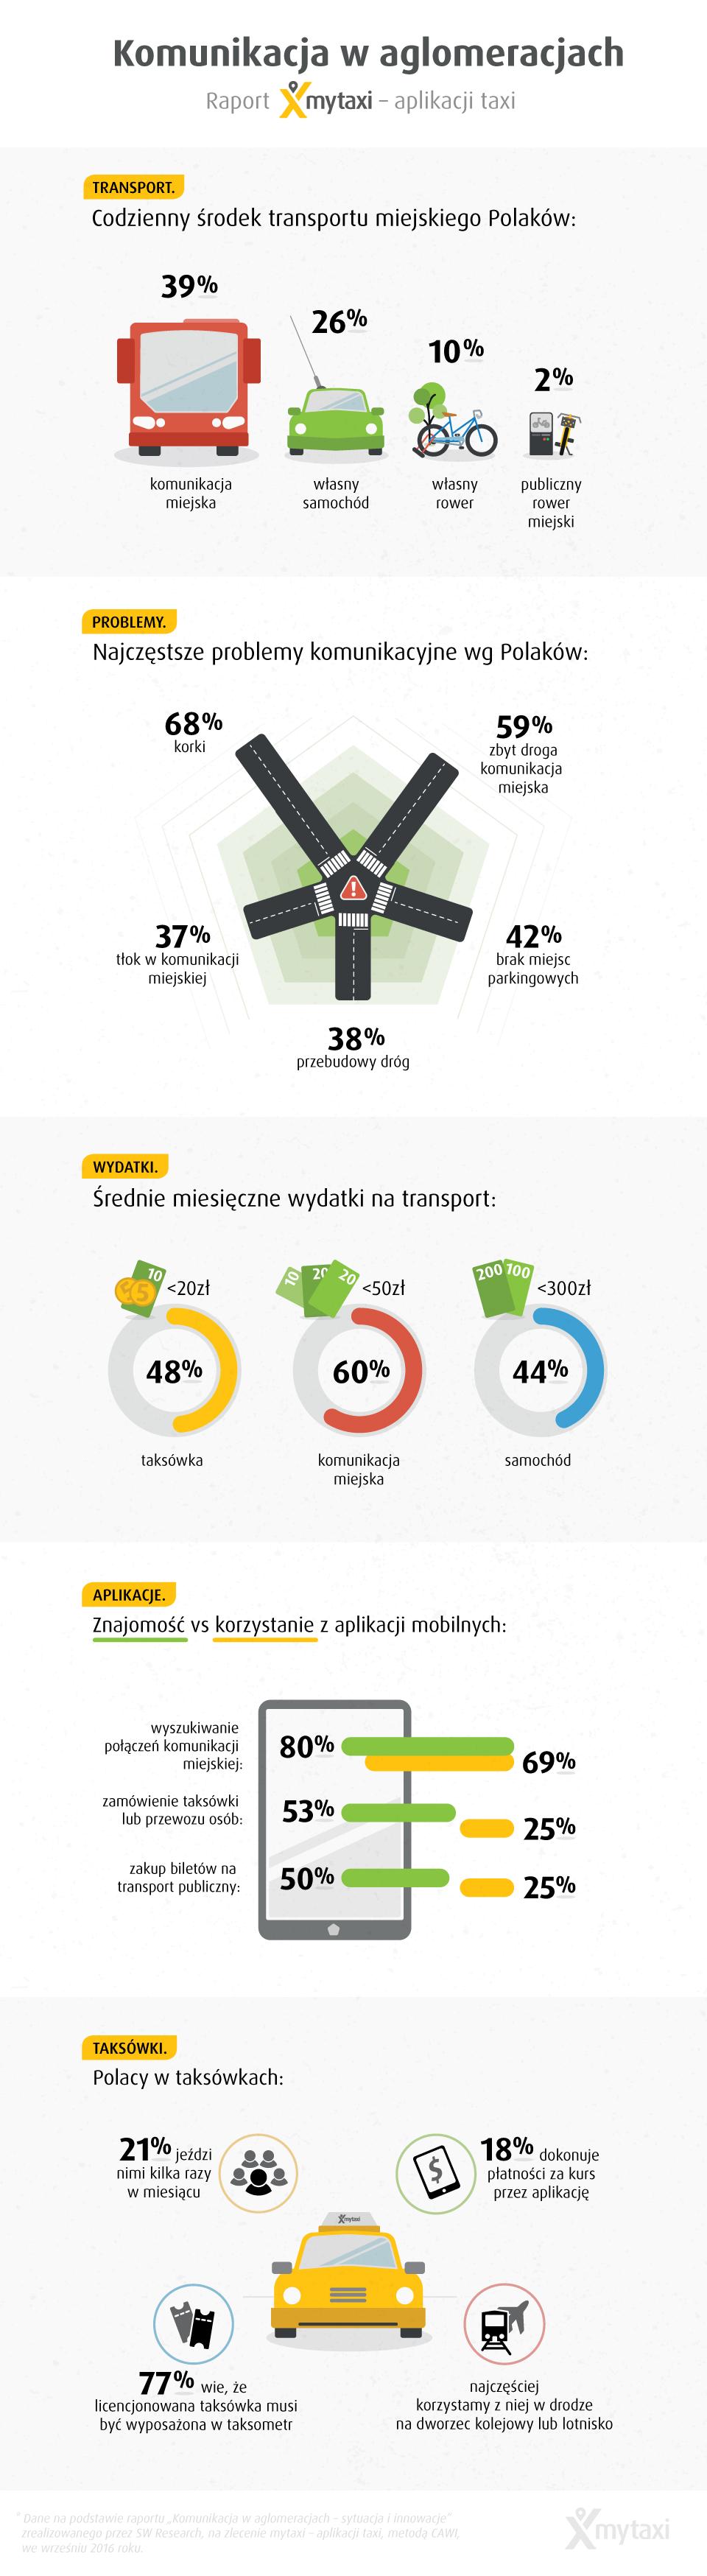 infografika_komunikacja-w-aglomeracjach